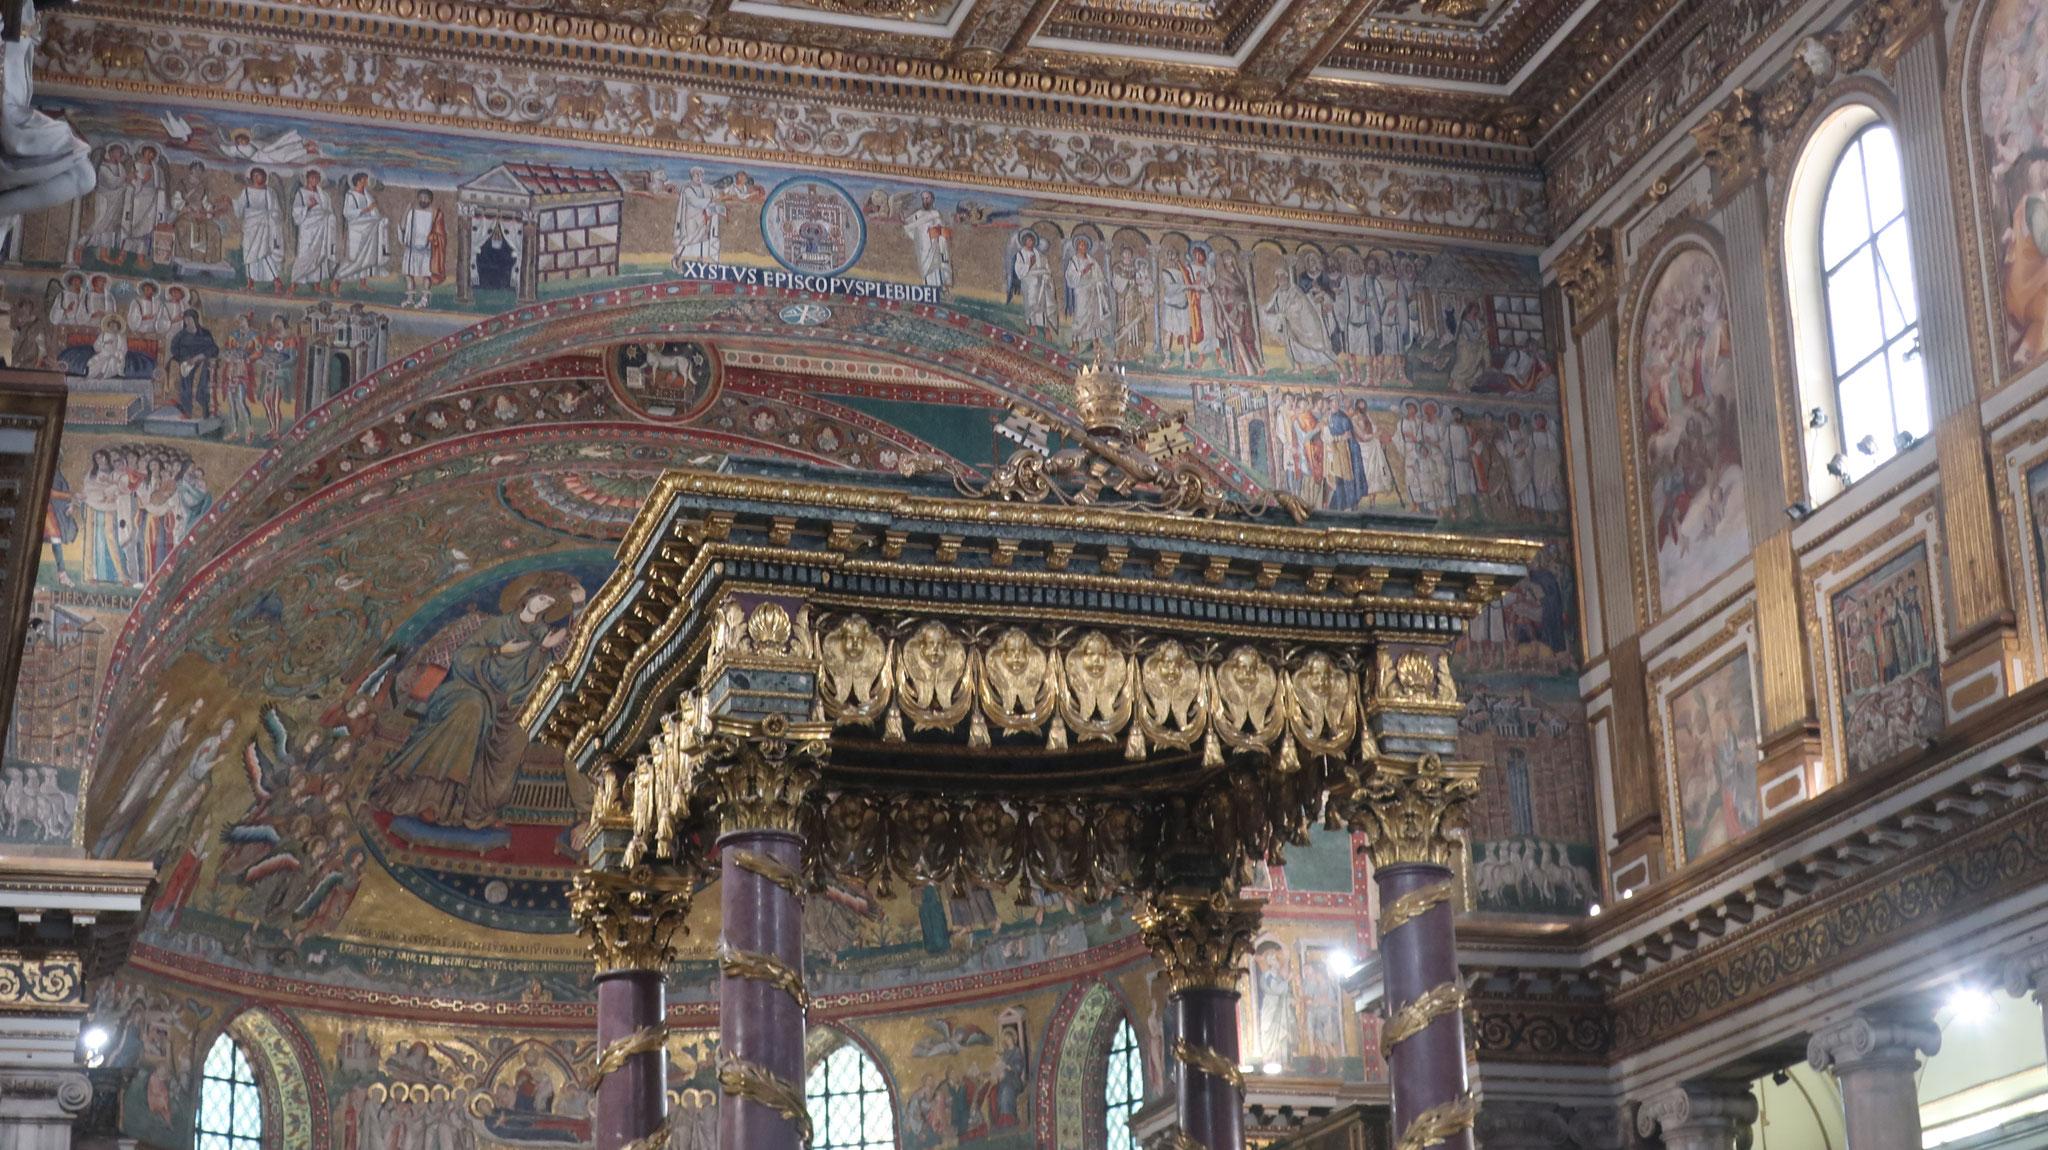 主祭壇はフェルディナント・フーガ作の天蓋で覆われています。